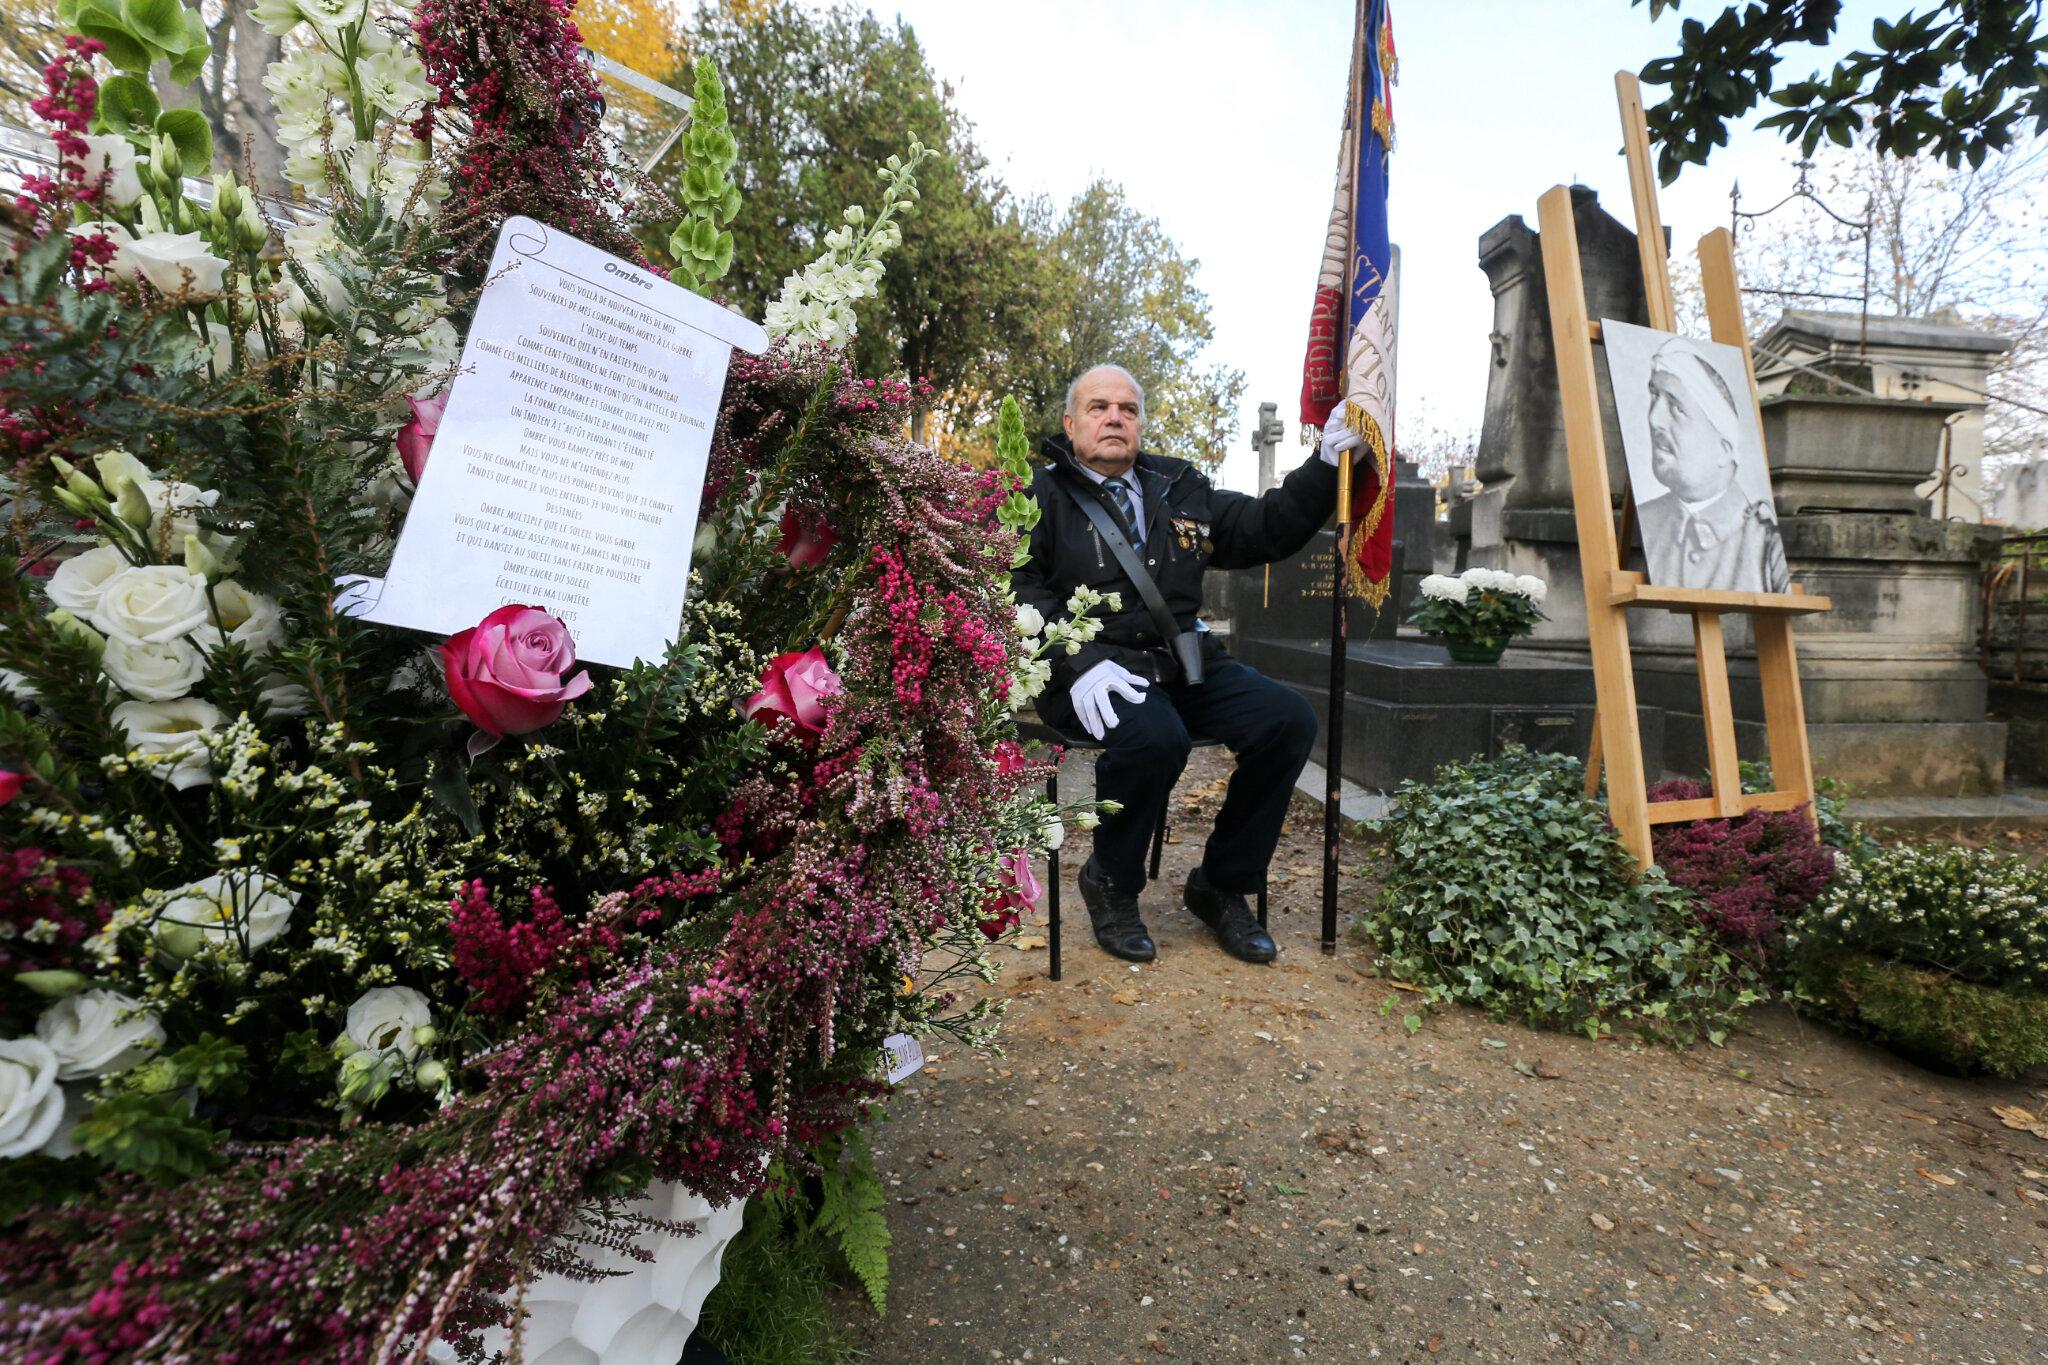 Hommage à Guillaume Apollinaire au Père Lachaise. © Michel Stoupak. Jeu 08.11.2018, 10h27m03.